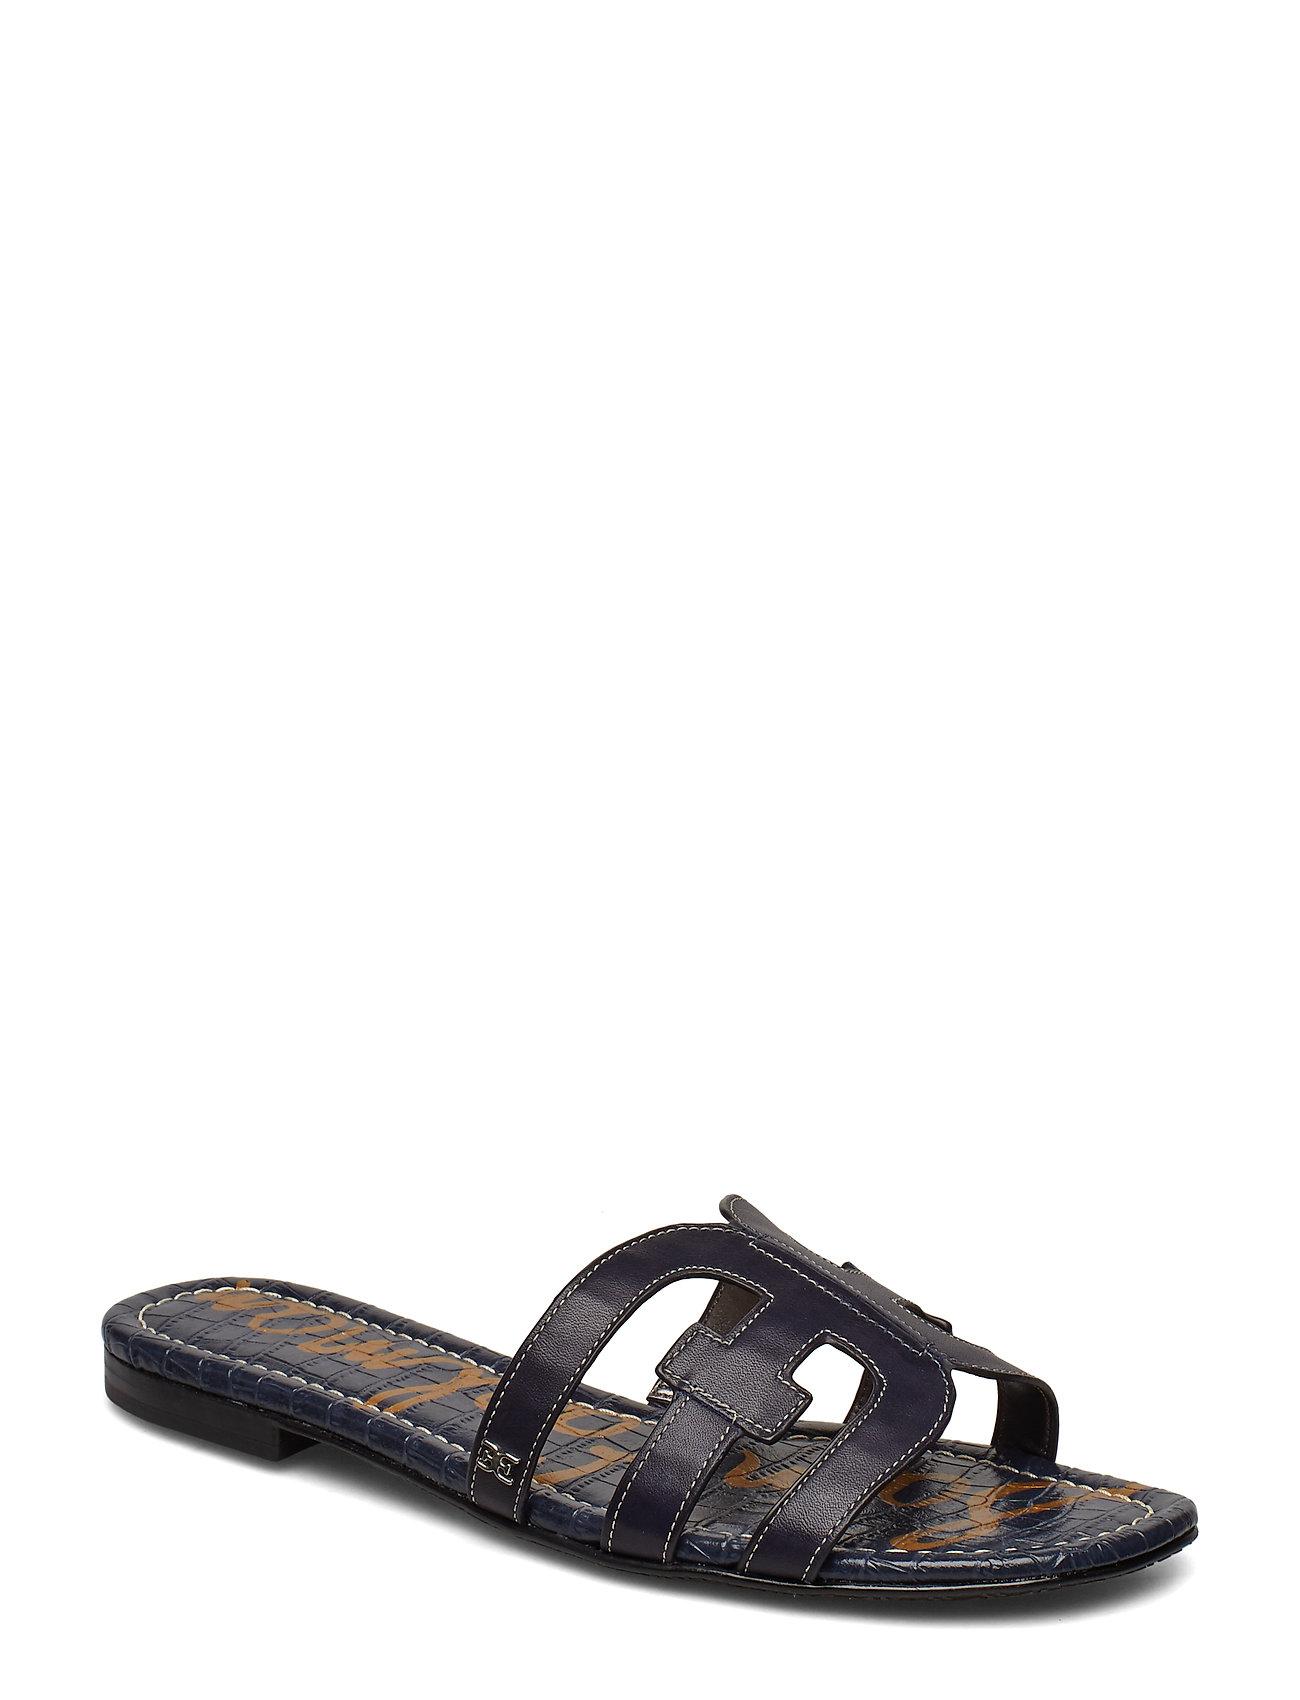 5cb075d1a6ec Køb Dame sandaler online til meget lav pris!